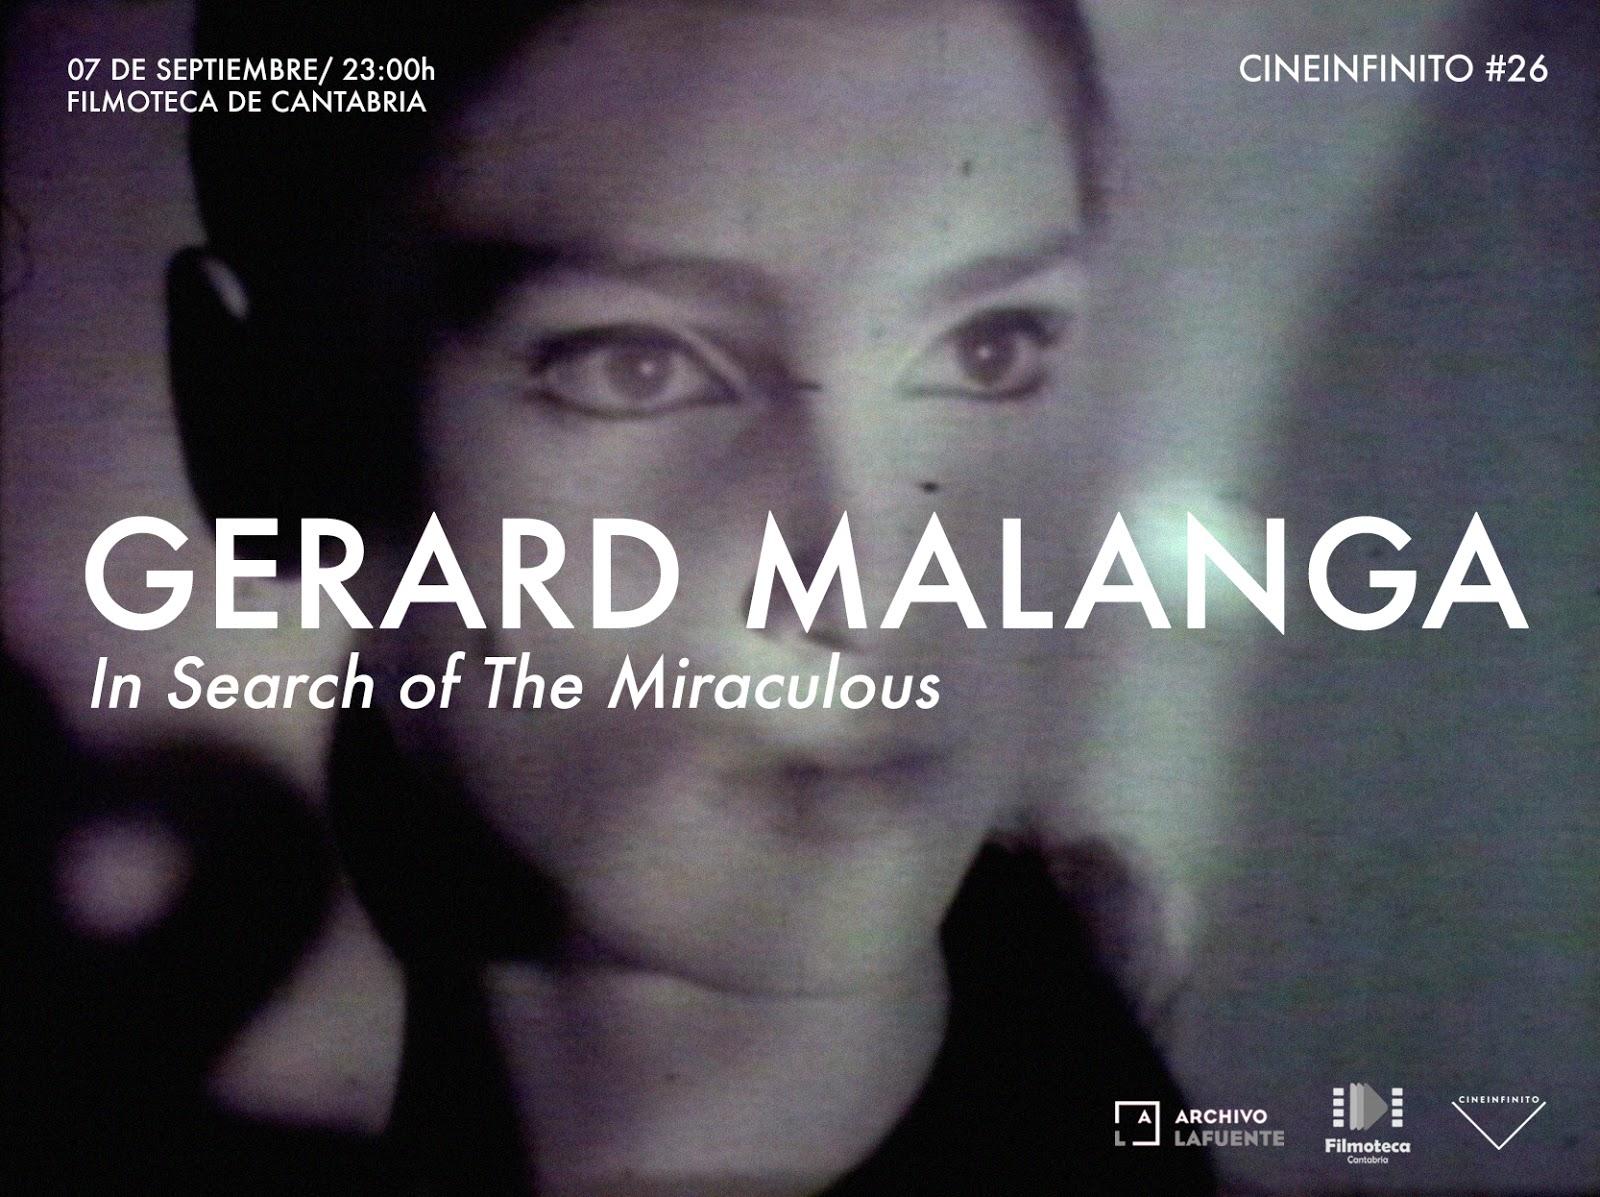 GEORGE MALANGA